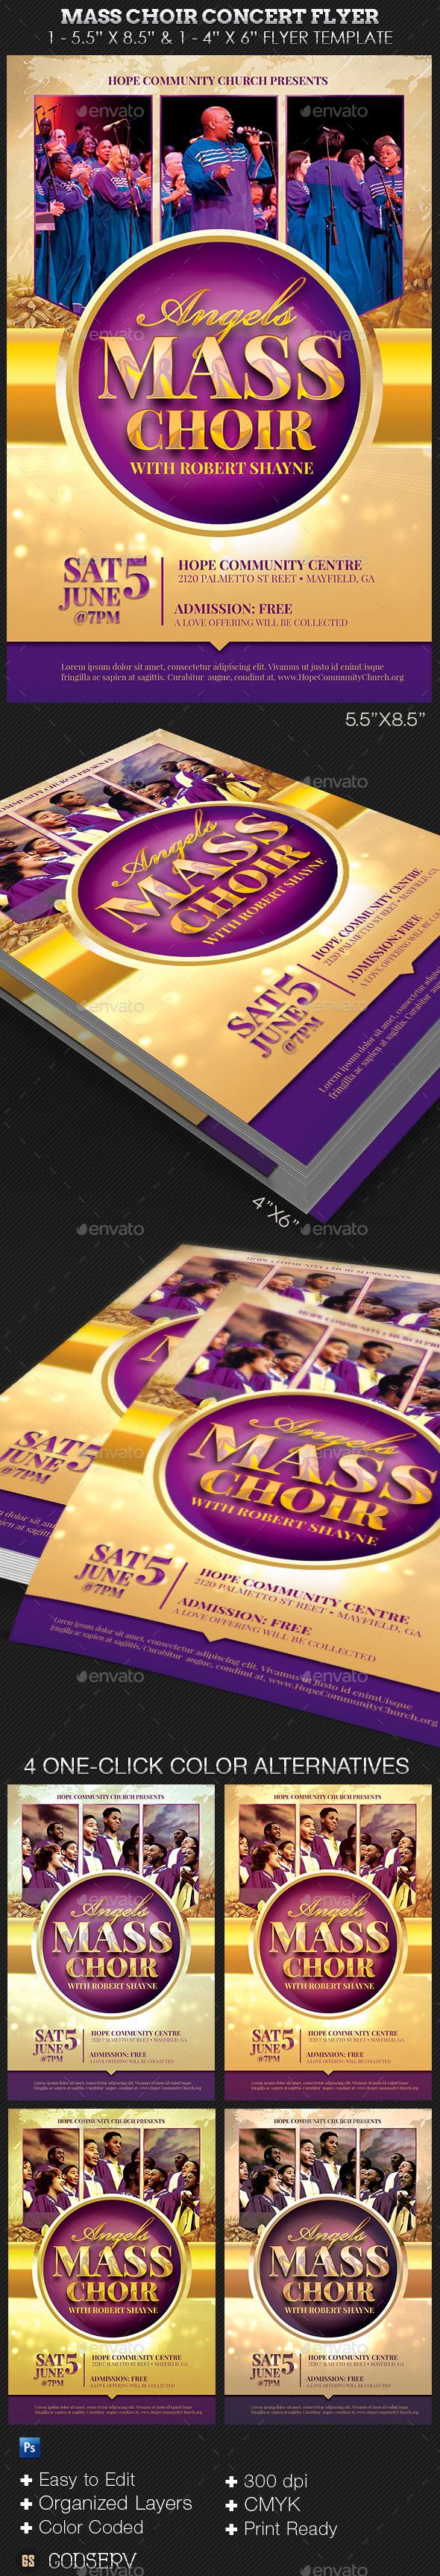 Mass Choir Concert Flyer Template  Concert Flyer Flyer Template